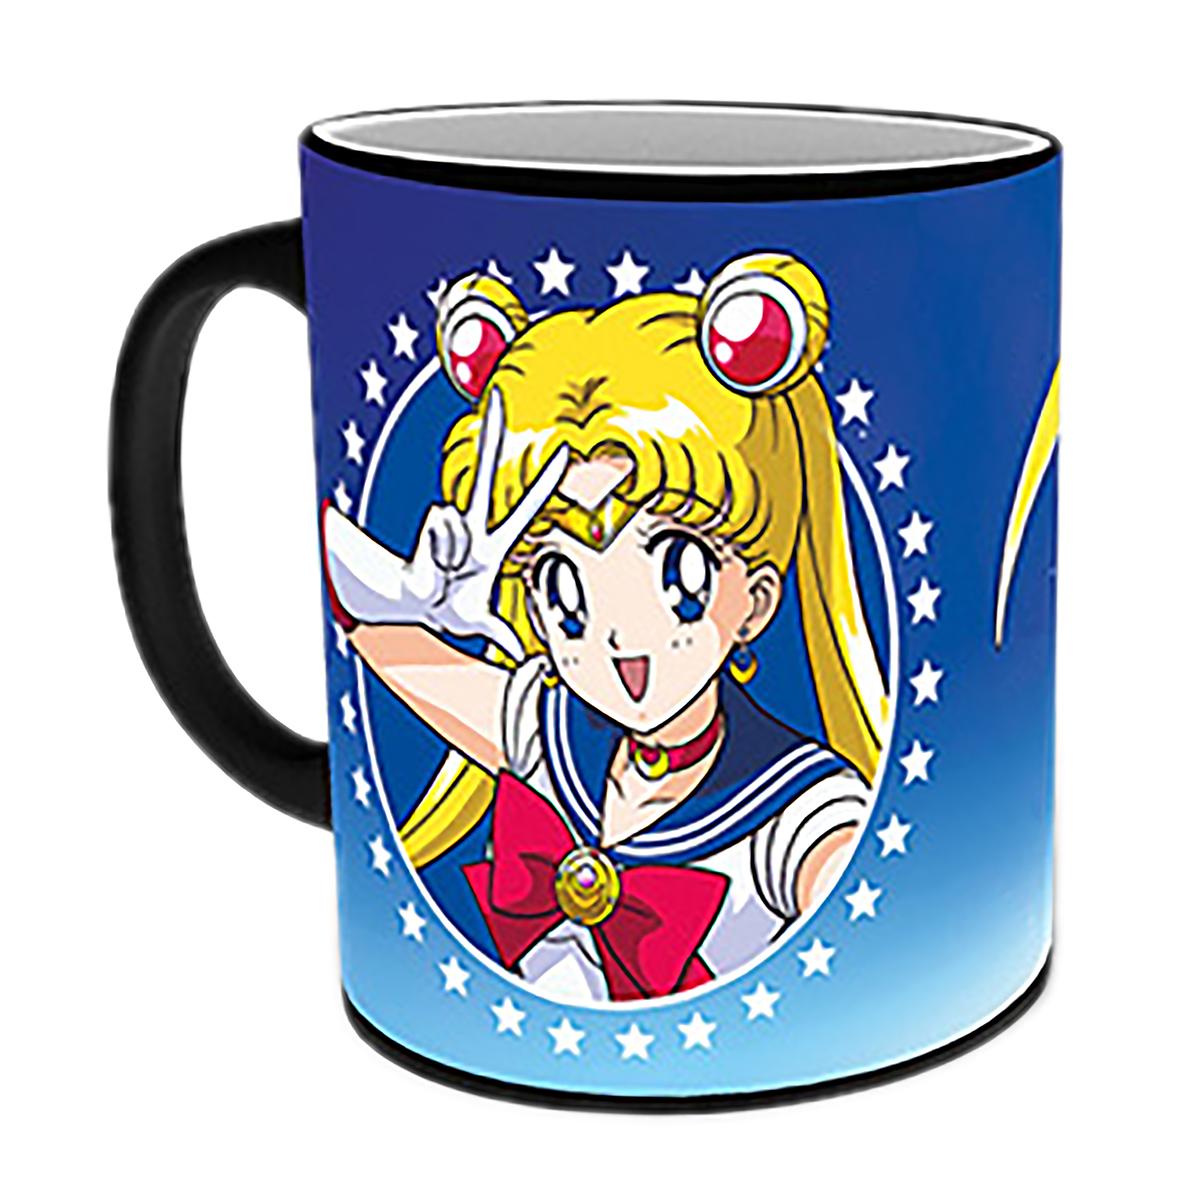 Sailor Moon colour changing mug